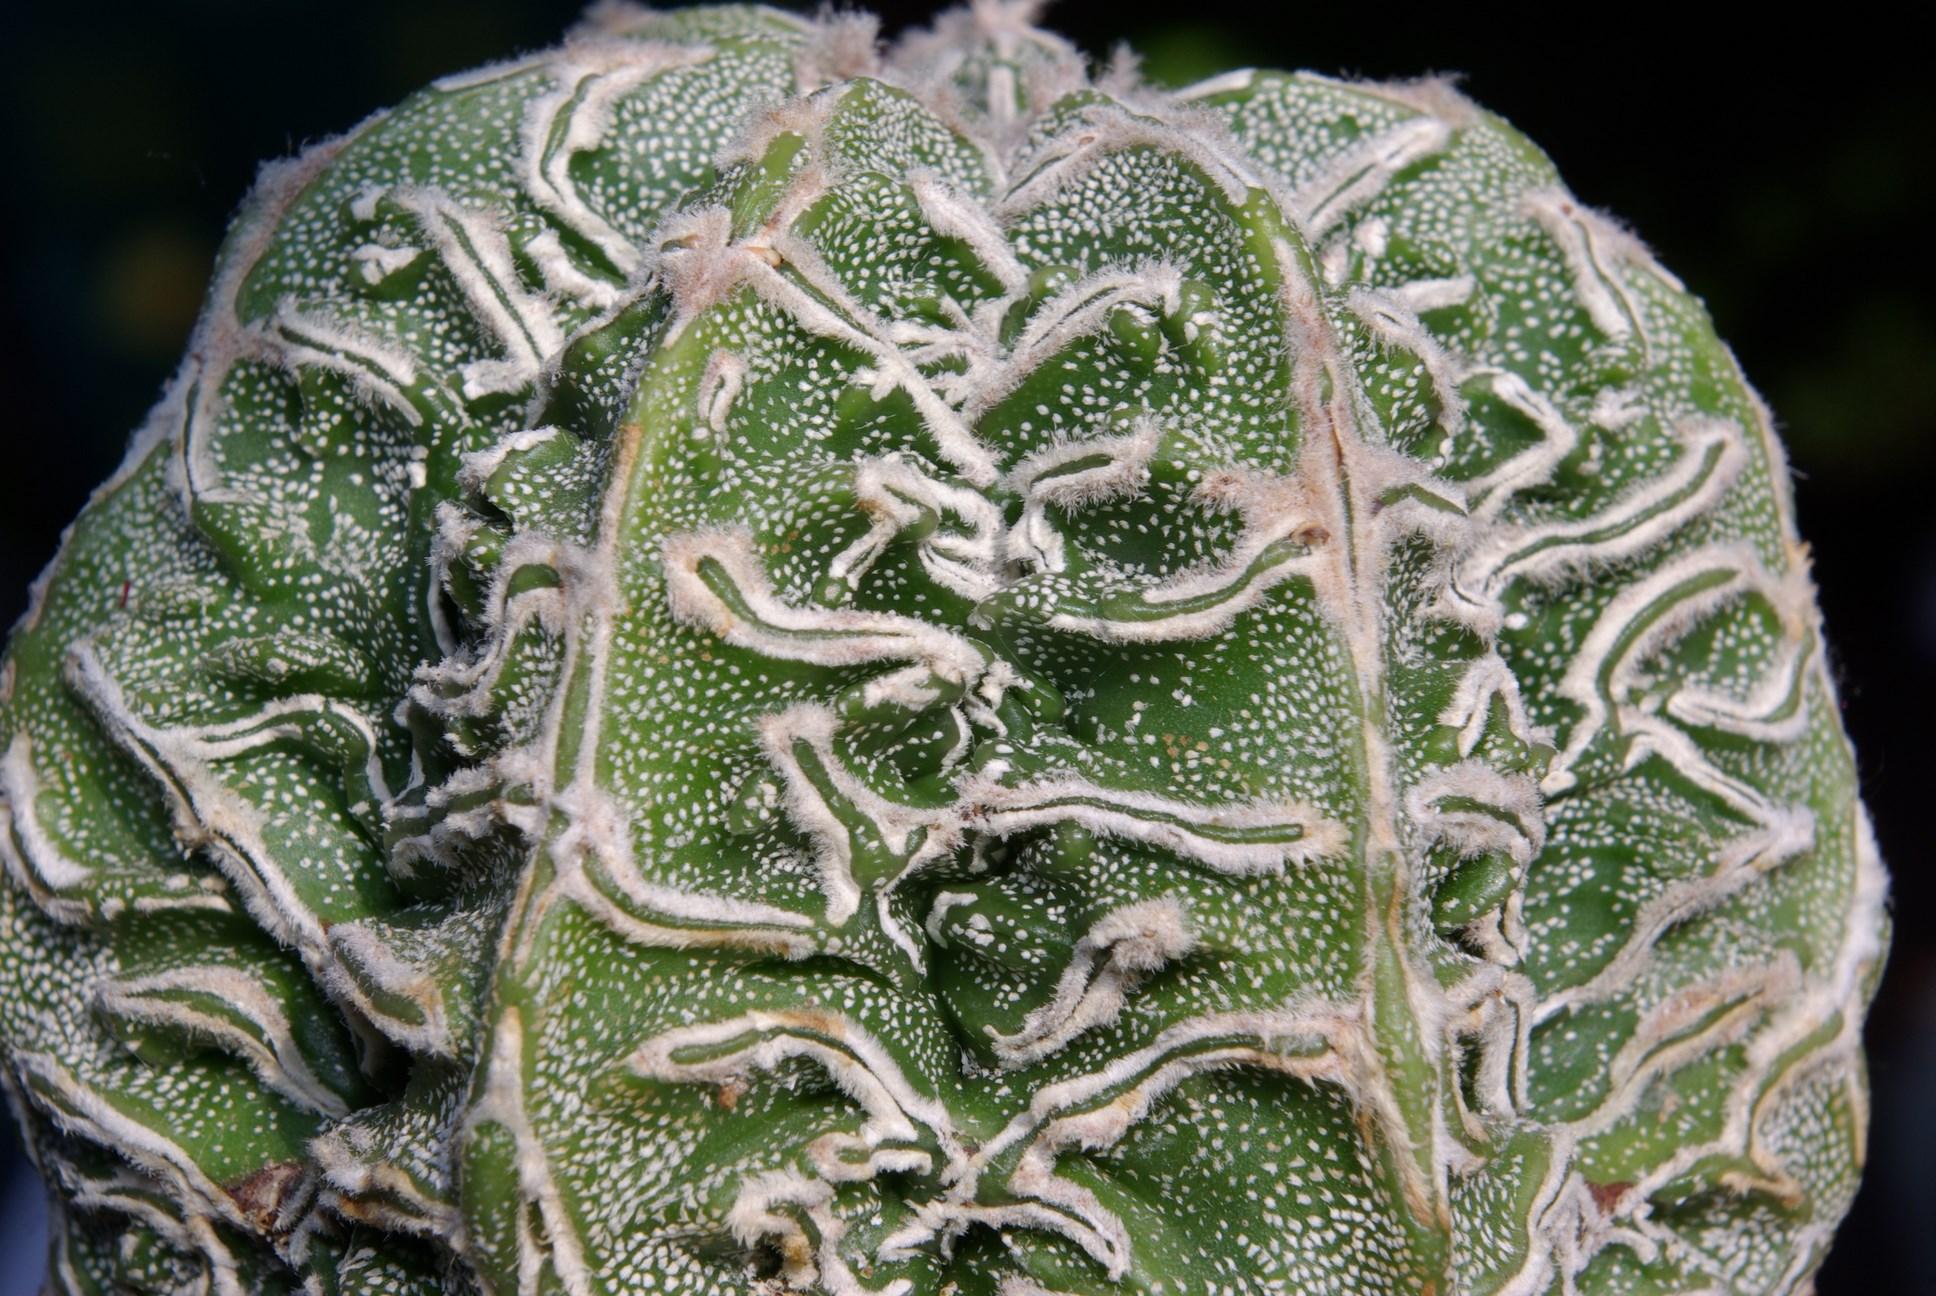 Astrophytum asterias cv. FUKURYU